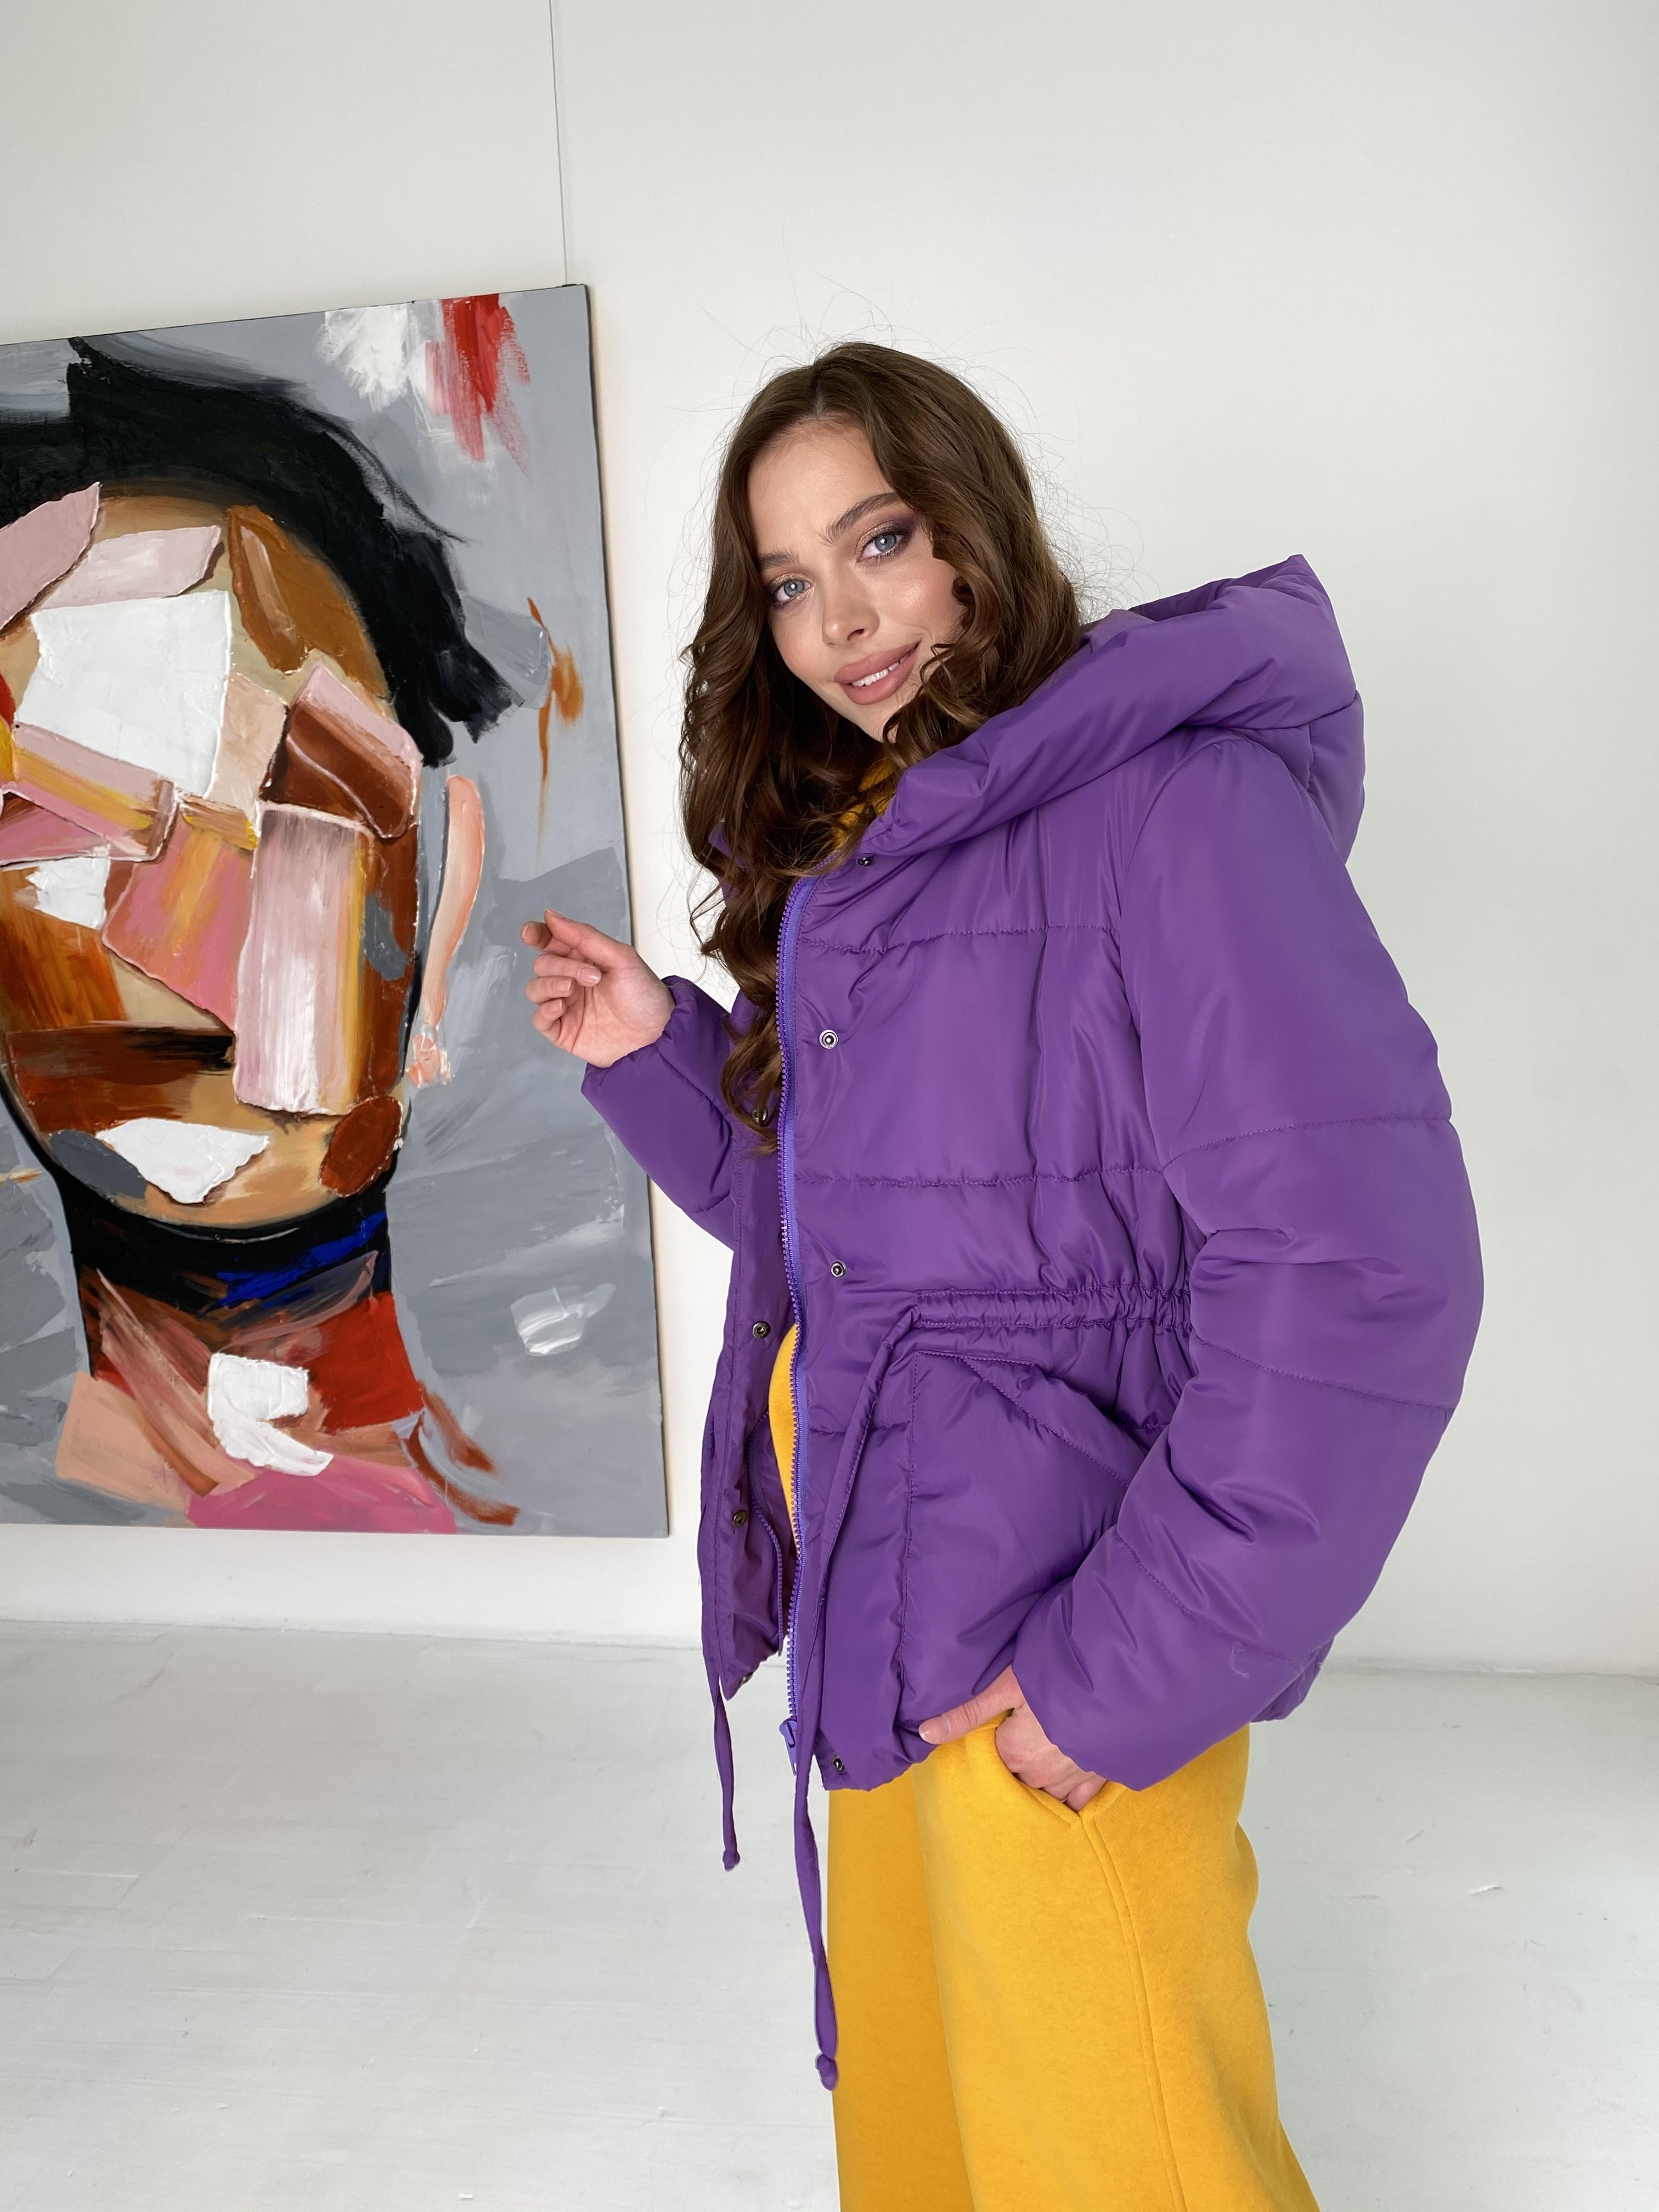 Пино куртка из плащевой ткани 10489 АРТ. 46804 Цвет: Сиреневый - фото 9, интернет магазин tm-modus.ru